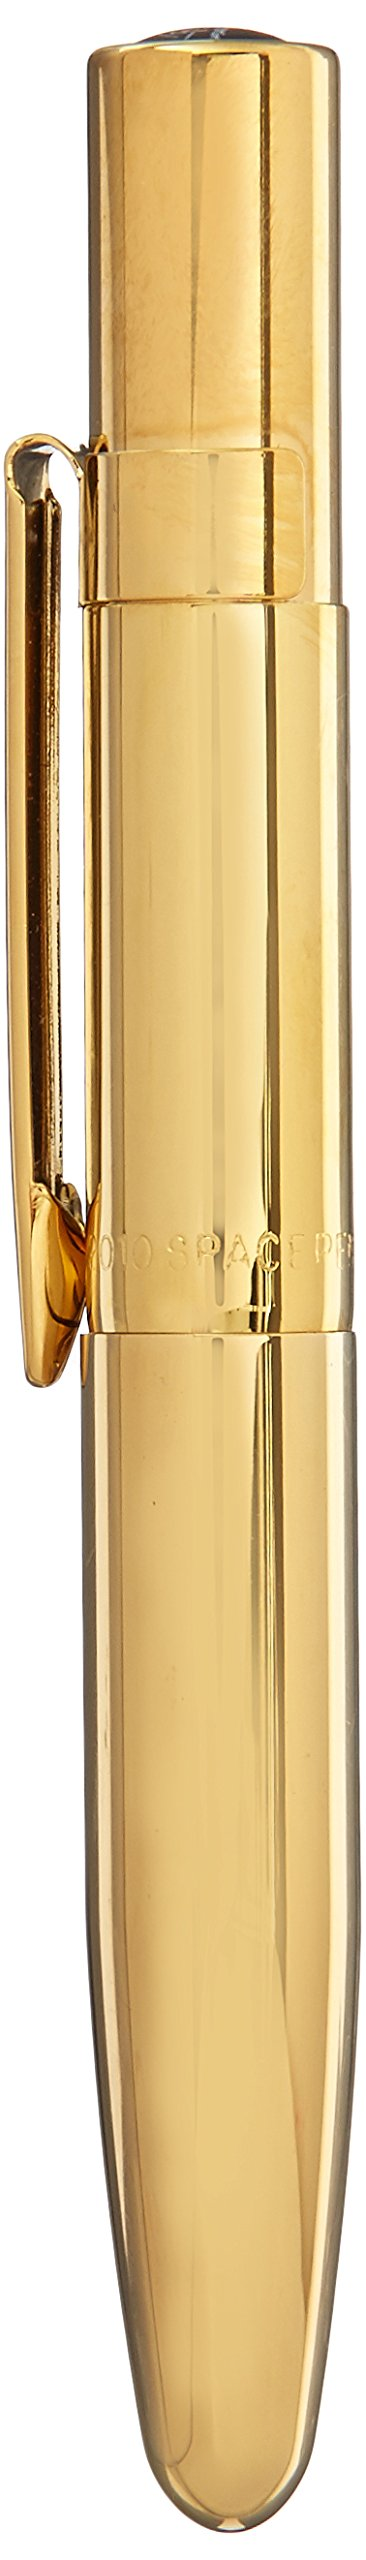 Fisher Space Pen INFINIUM Gold Titanium Nitride Finish,...